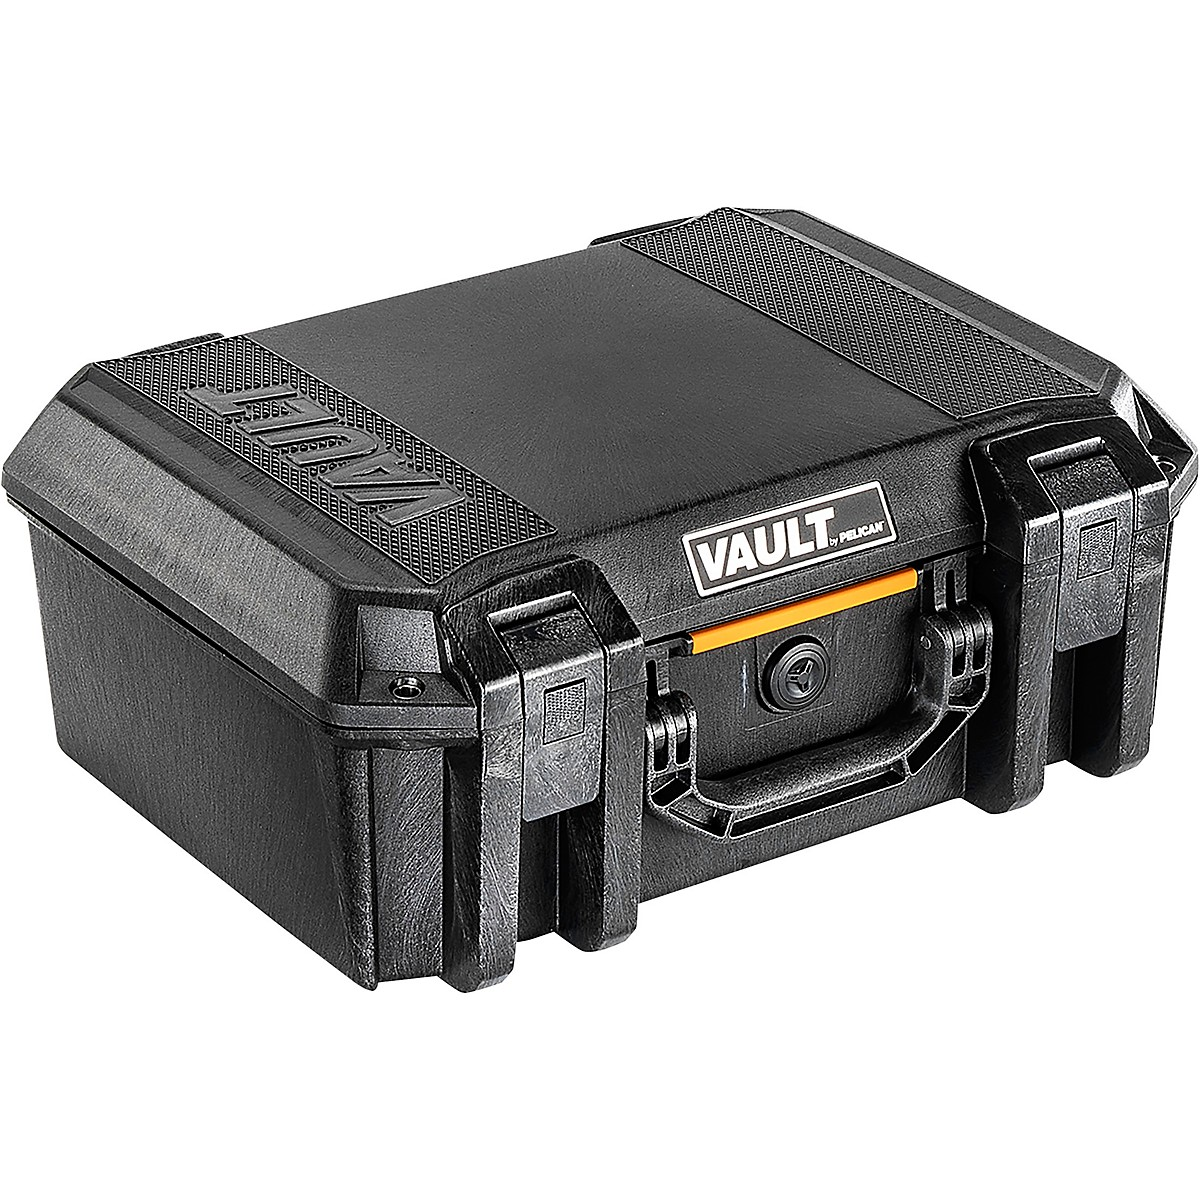 PELICAN V300 Vault Case